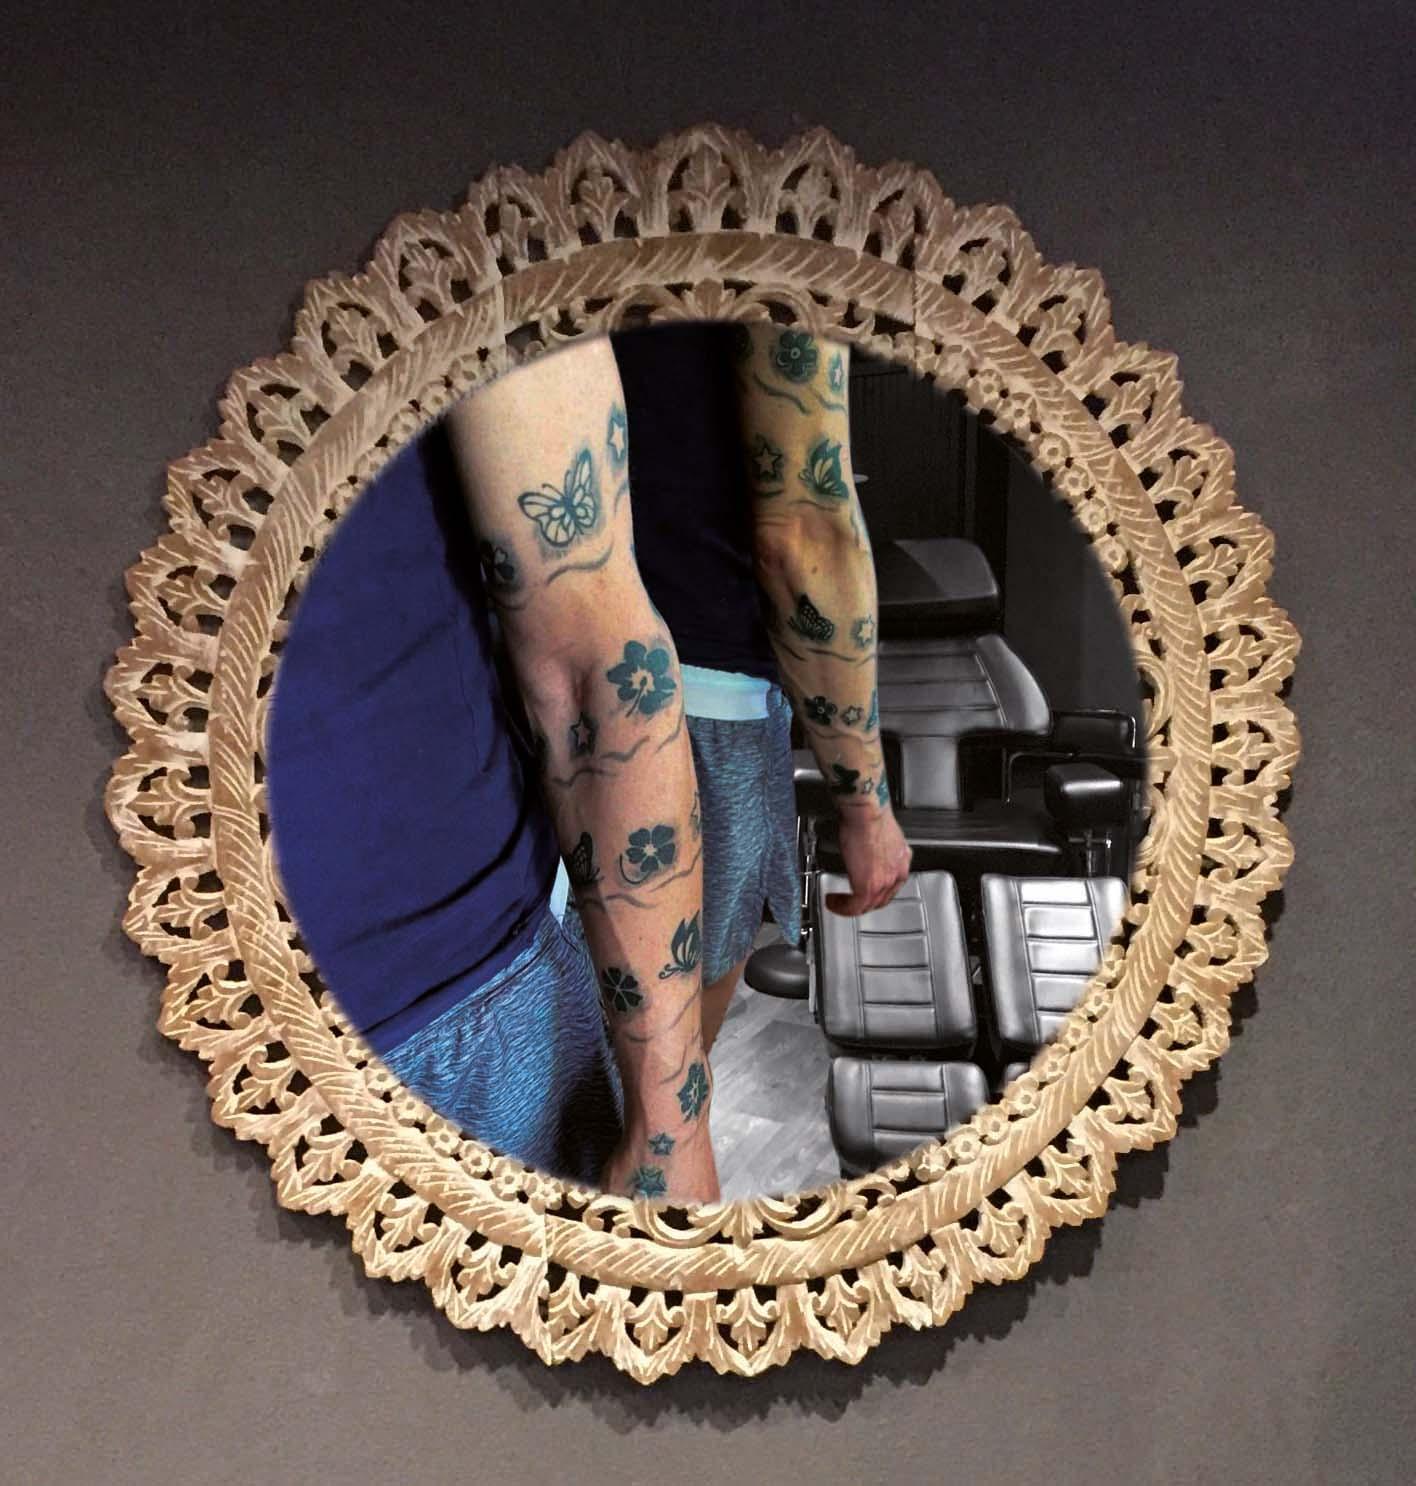 ♀ Tattoo sleeve